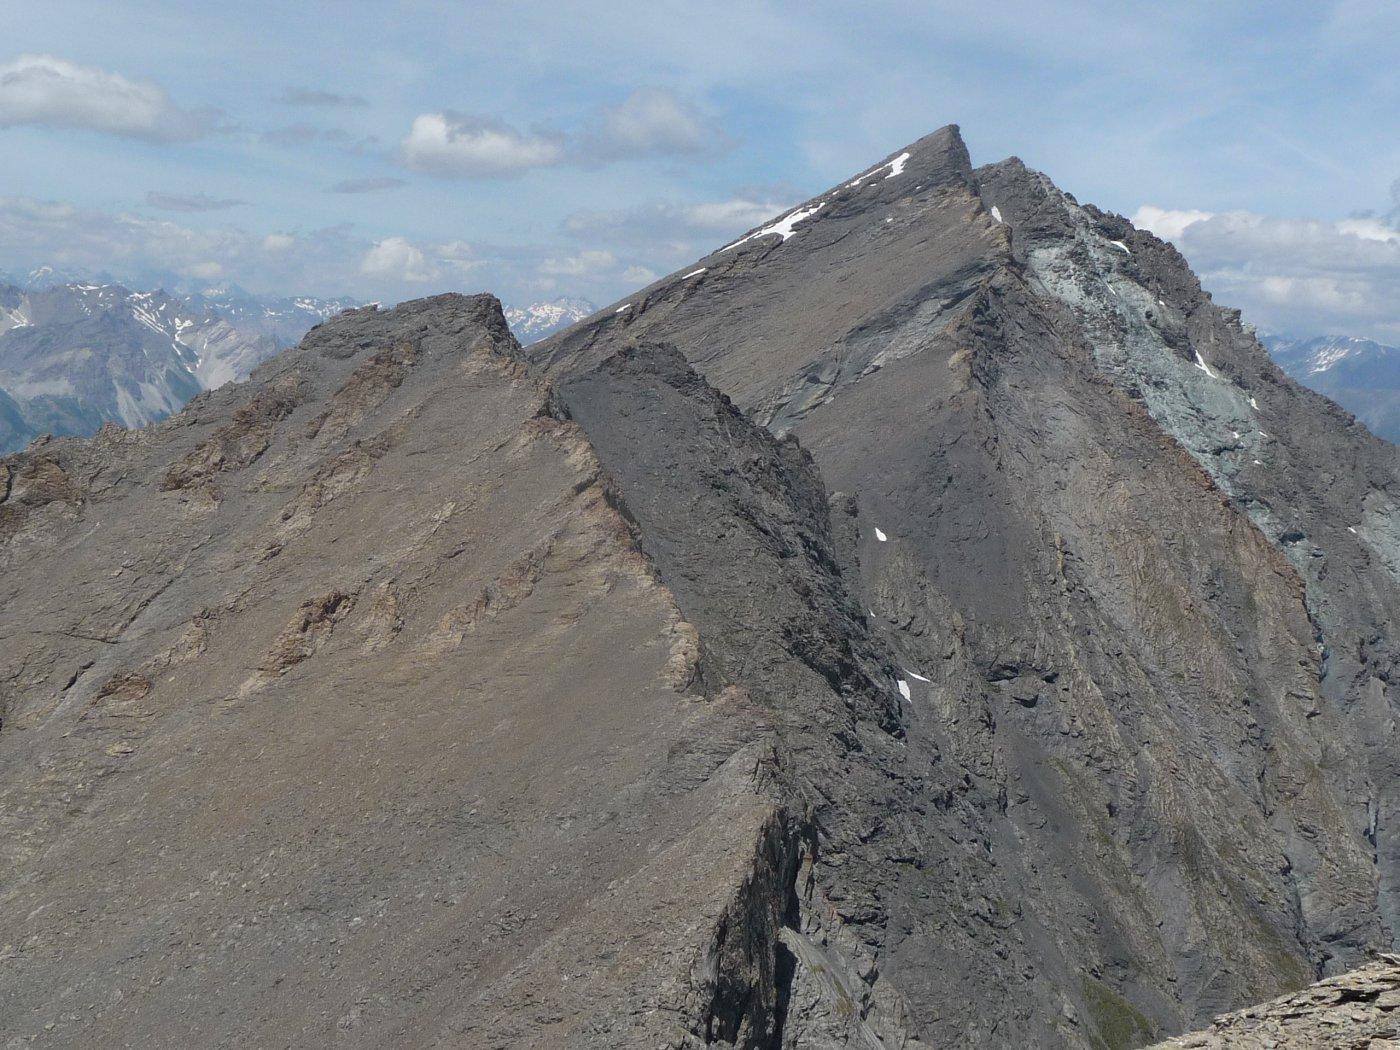 Rocce del Rouit a sinistra, con il percorso di salita e Rognosa a destra